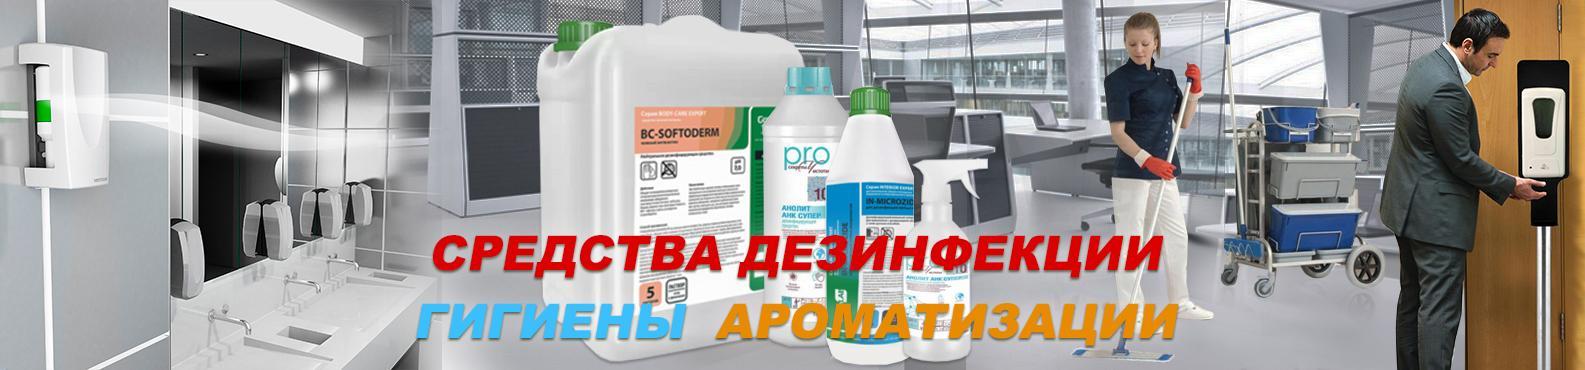 Компания AROTERRA — профессионал чистоты и дезинфекции